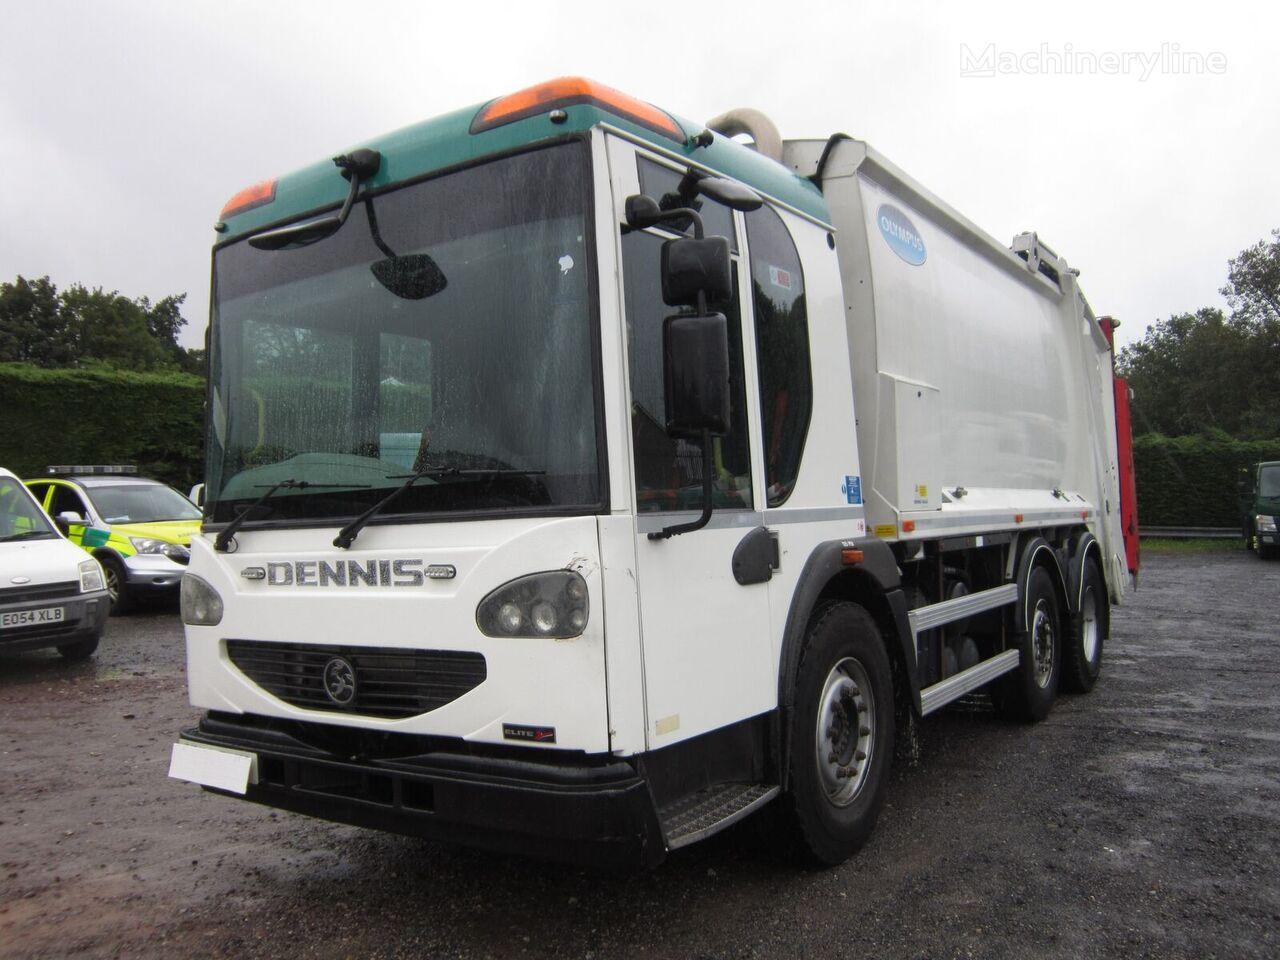 Dennis ELITE 2 6X2 24TON AUTO REAR STEER OLYMPUS BODY REFUSE C/W BIN LI camión de basura